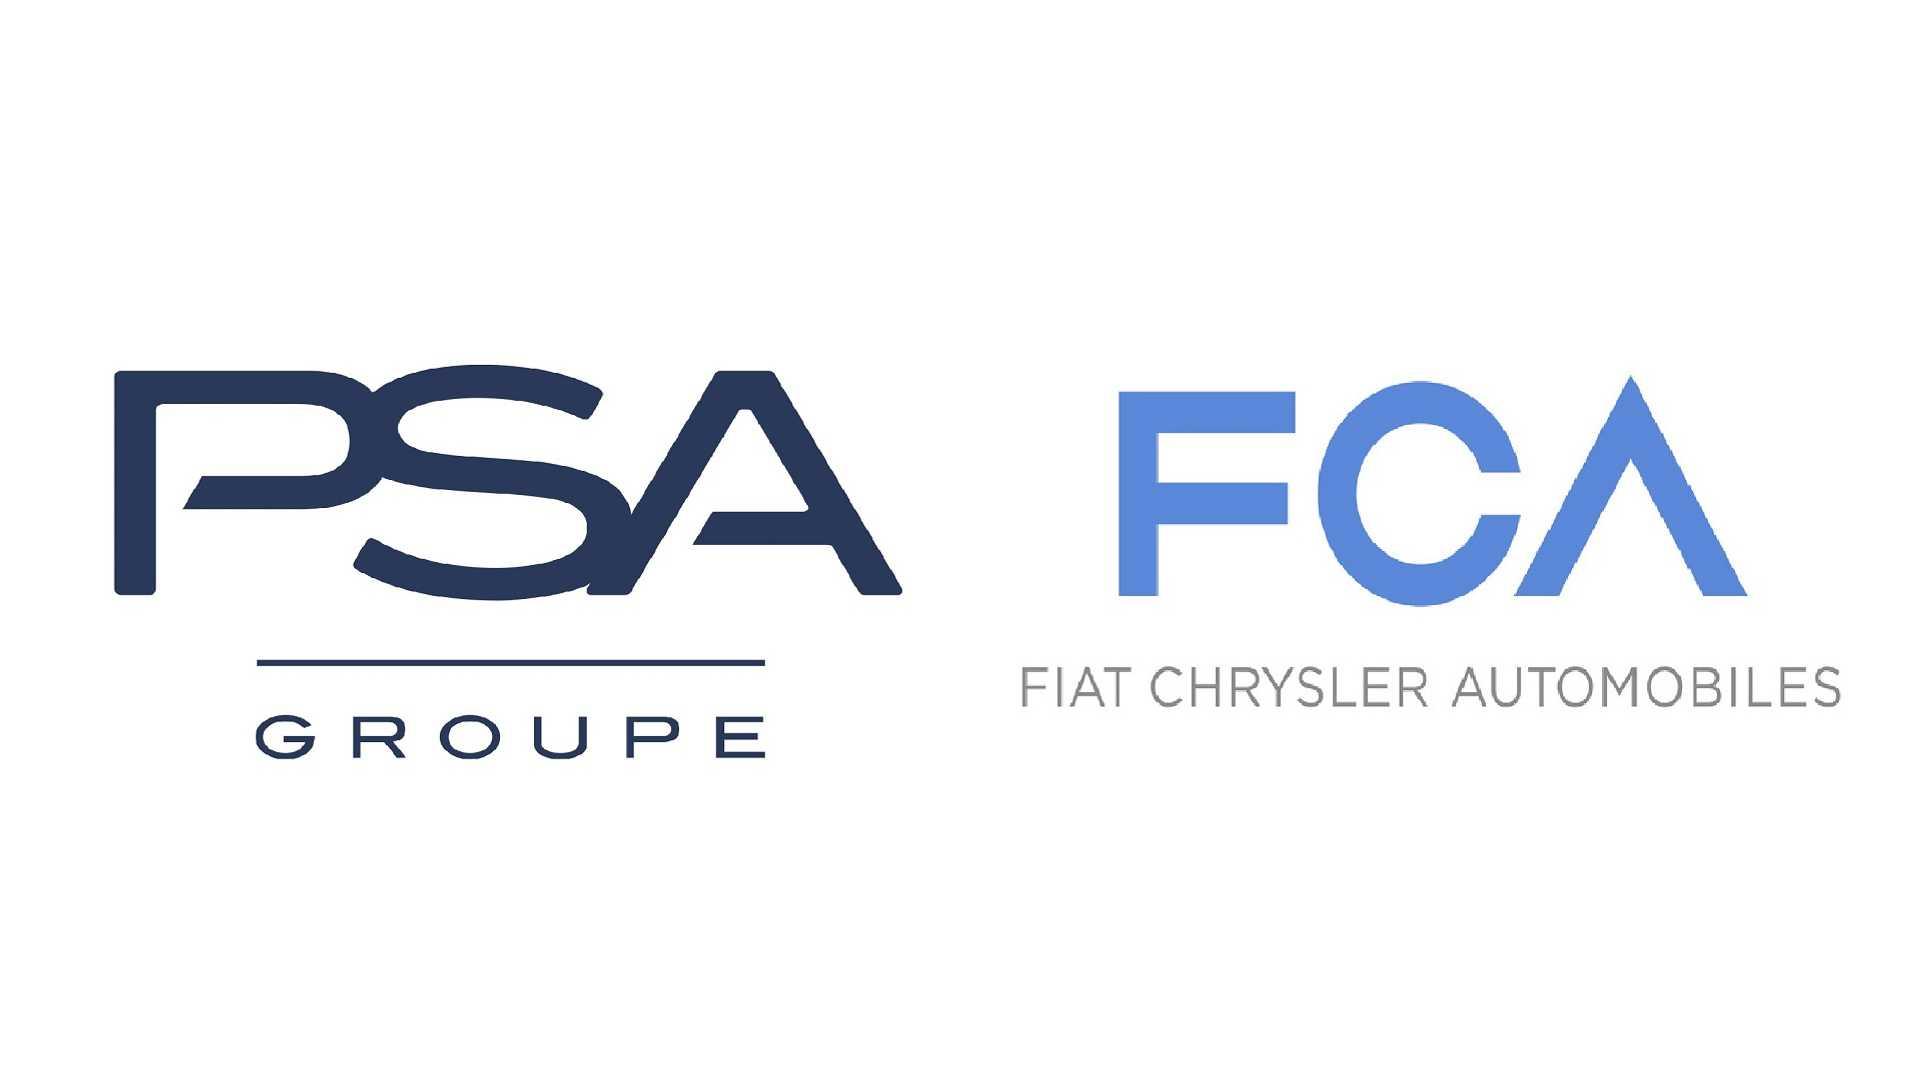 PSA e FCA: Podemos estar a ver o 4º maior grupo automóvel?